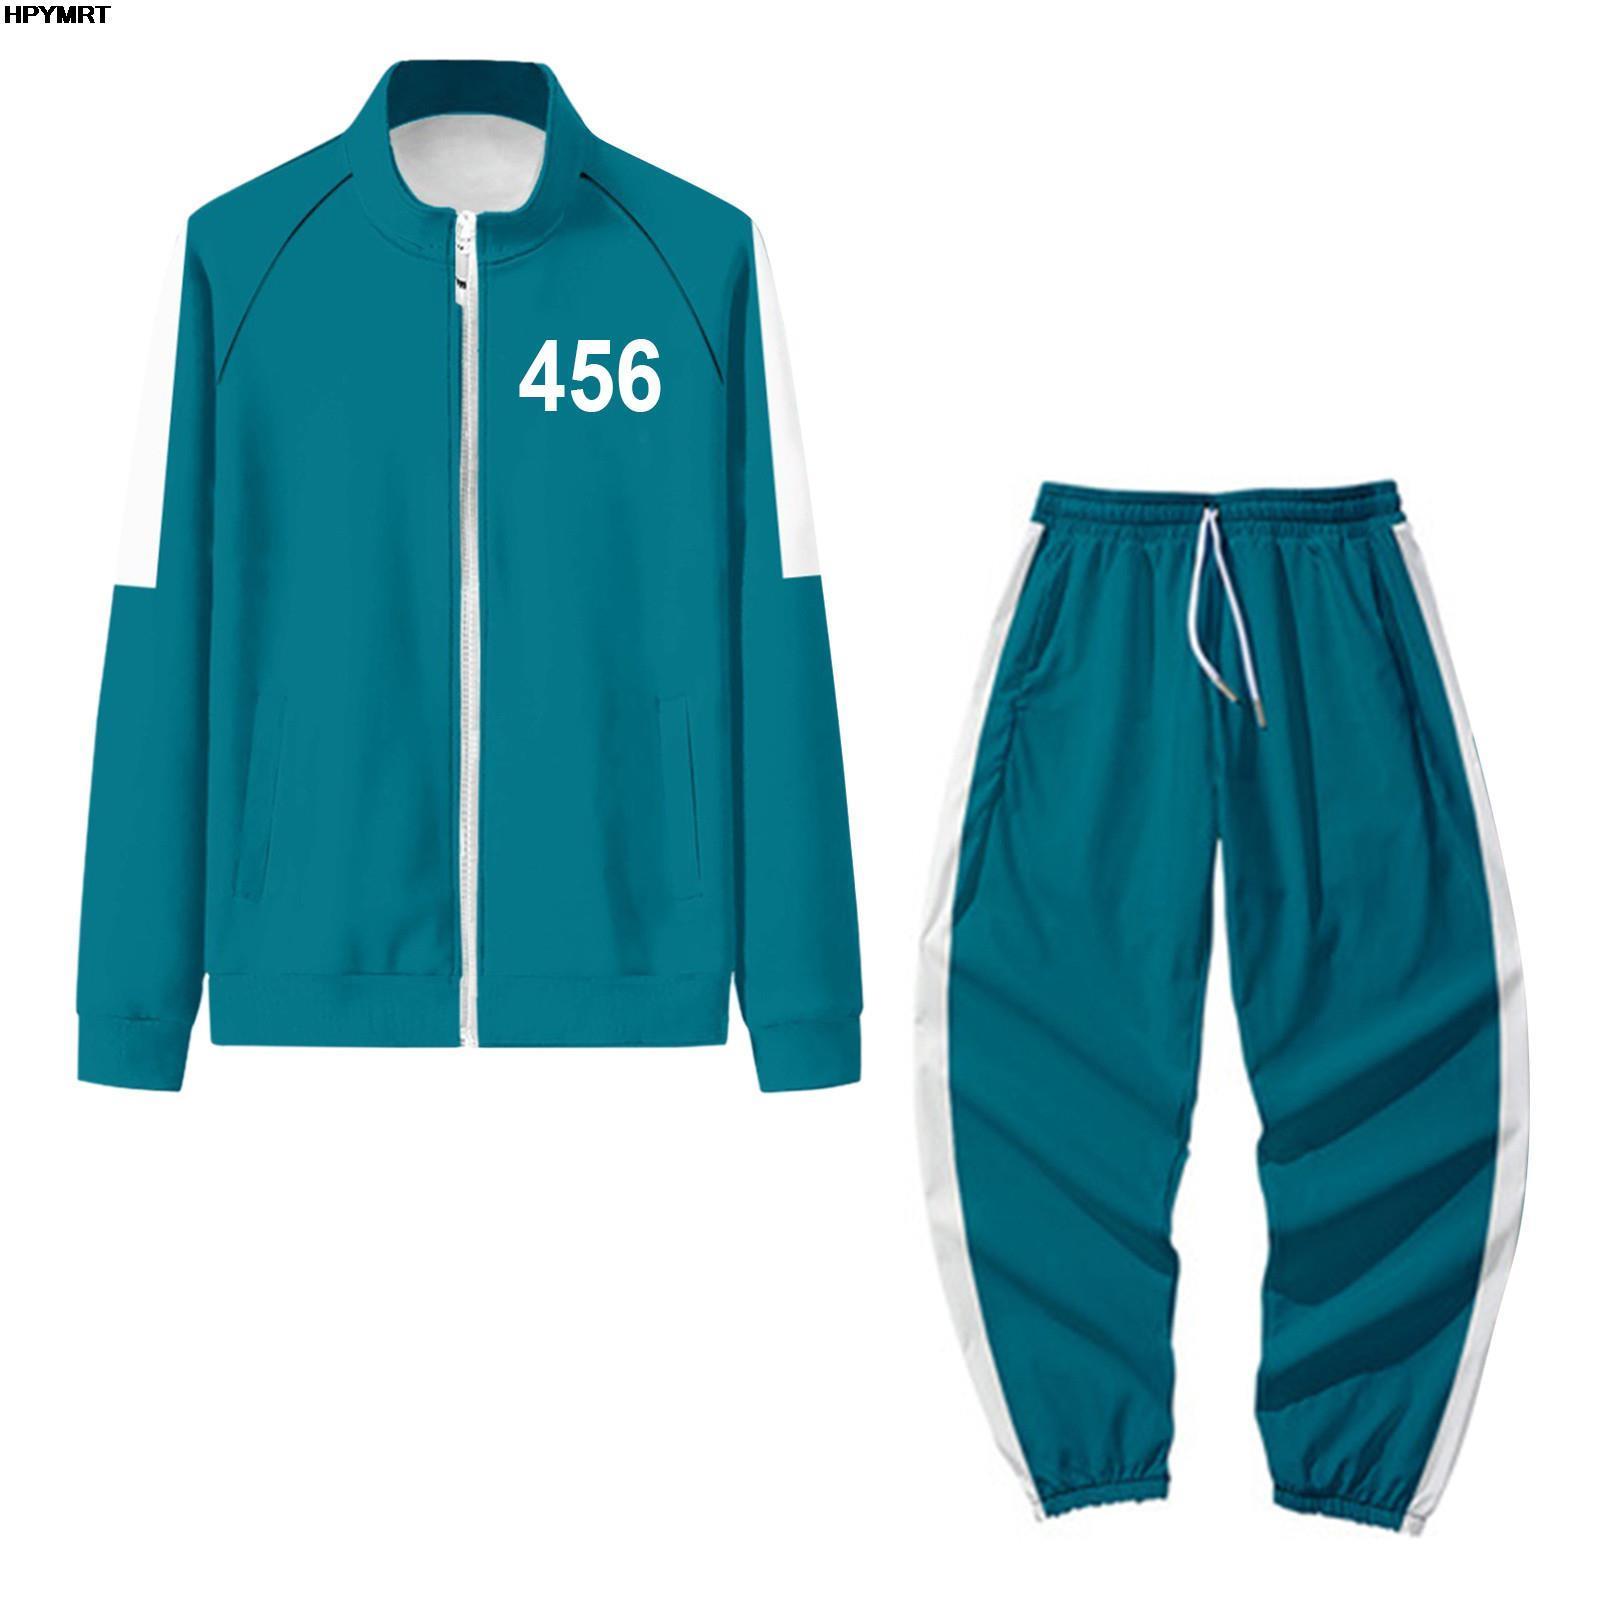 Juego de calamar coreano para otoño, conjunto de ropa deportiva, chaqueta y pantalones, suéter Digital 001, traje de Drama coreano para Halloween, 456